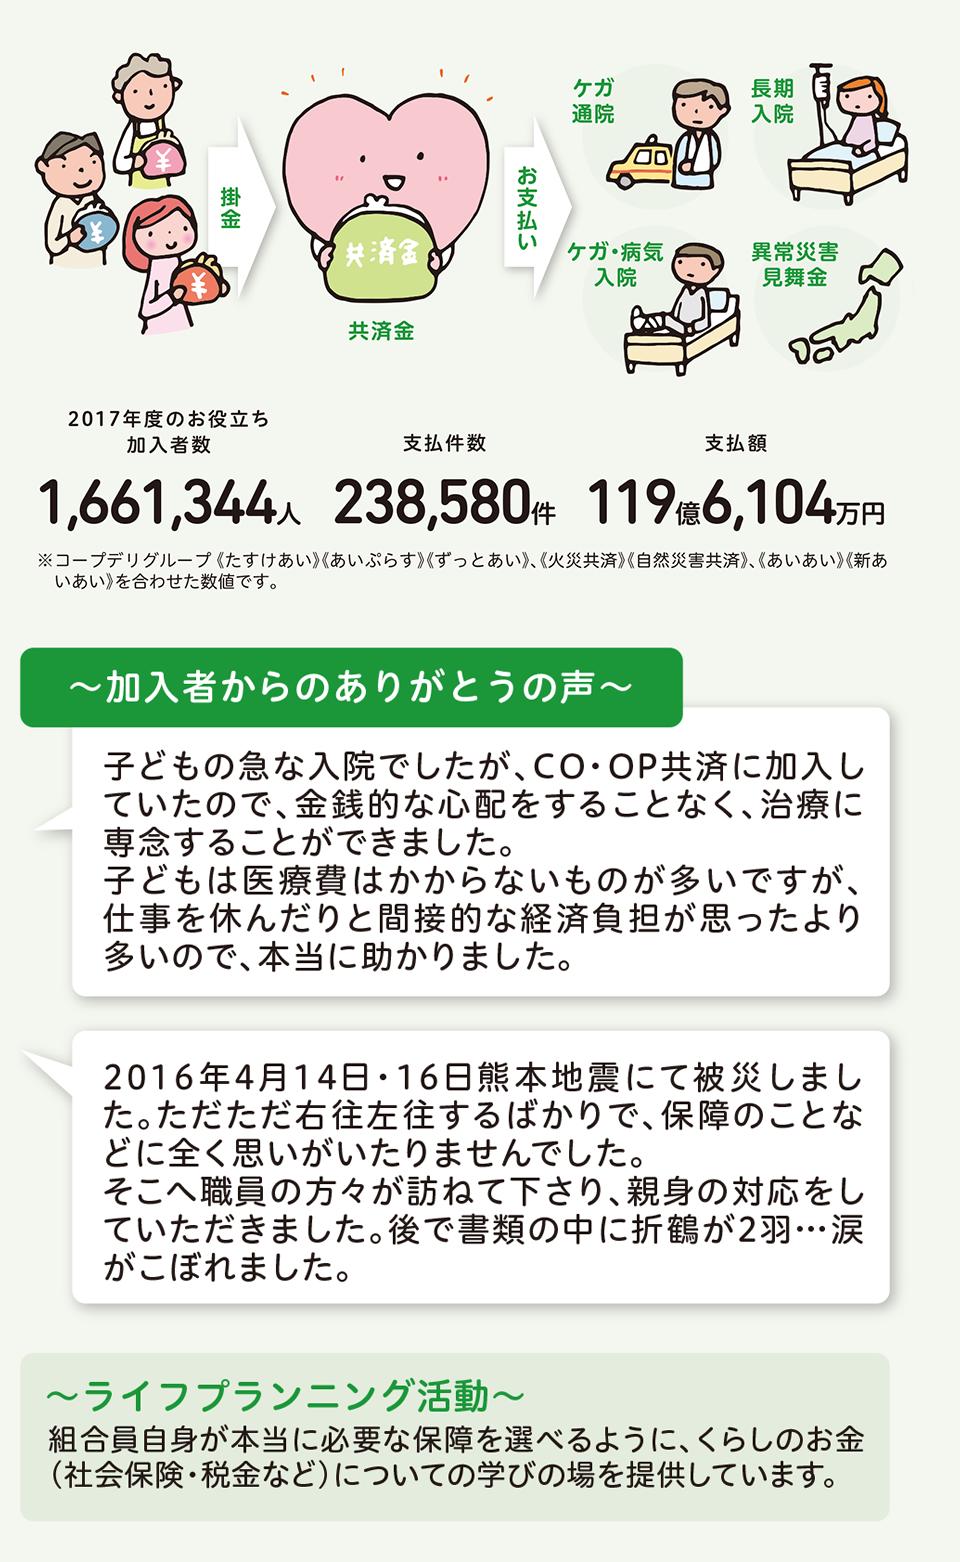 CO・OP共済事業のイメージ